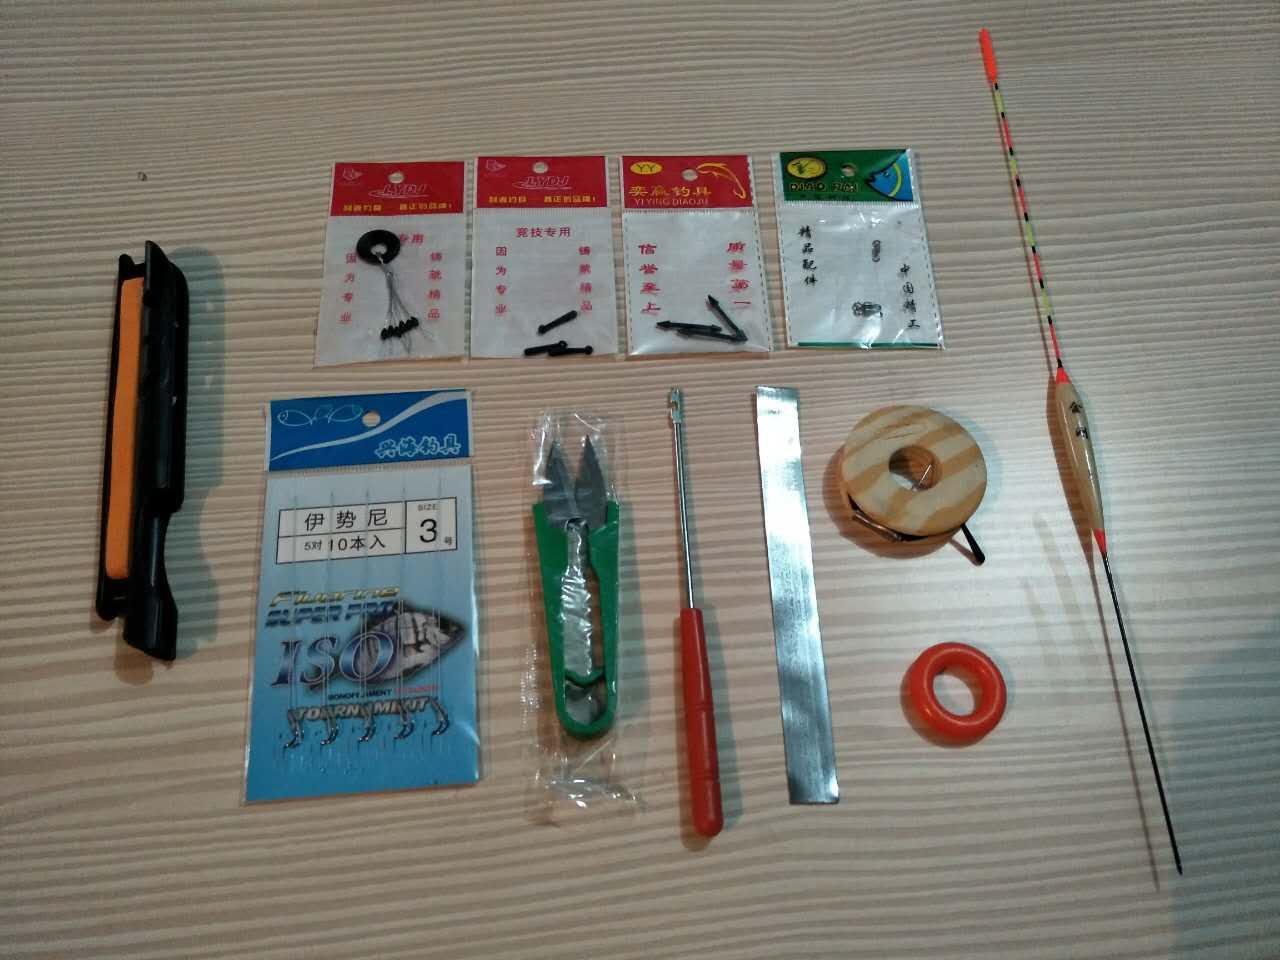 Специальное предложение рыбалка удочка большой пакет новая рука рыба род костюм рыба инструмент статьи полный набор новое оборудование рука вешать рыба небольшие аксессуары